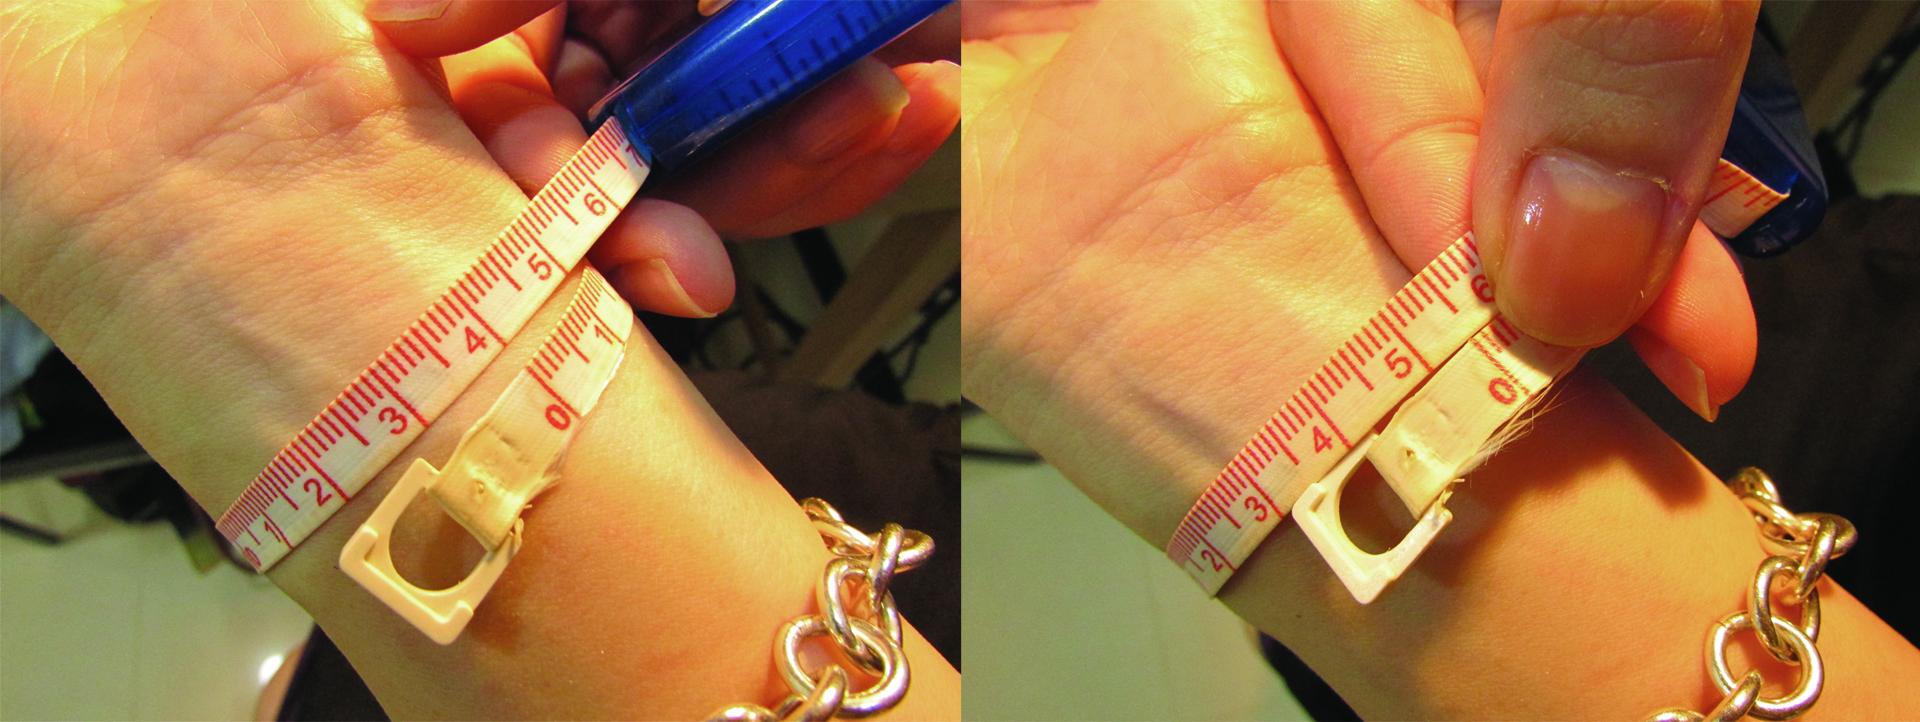 mittag jewelry|手環圍尺寸測量方法